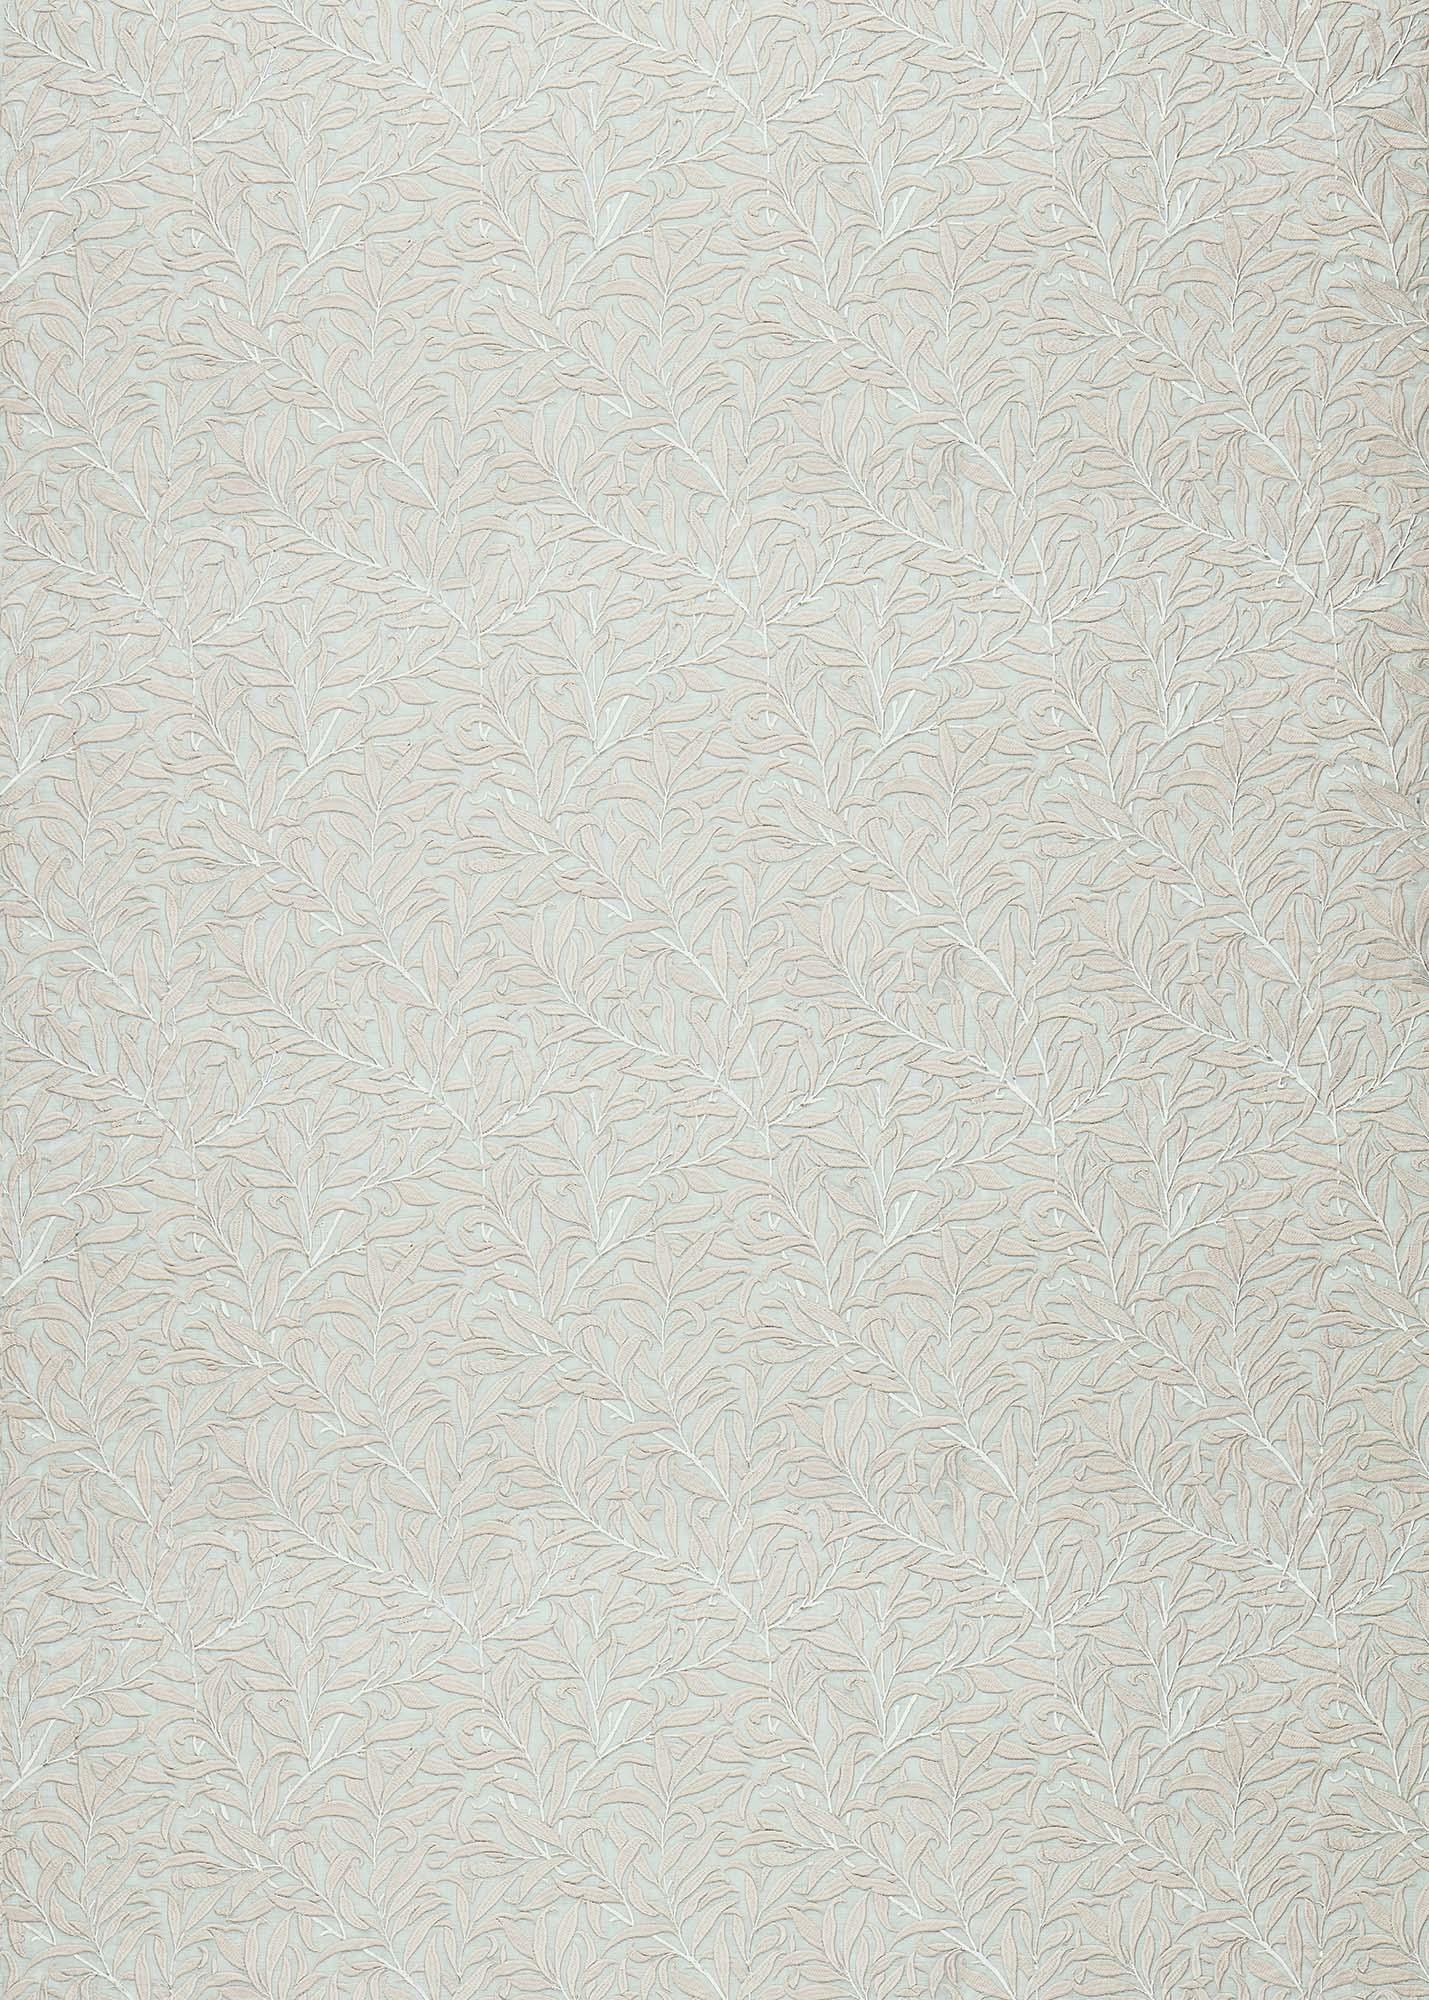 ウィリアムモリス生地 Pure Willow Bough Embroidery 236067